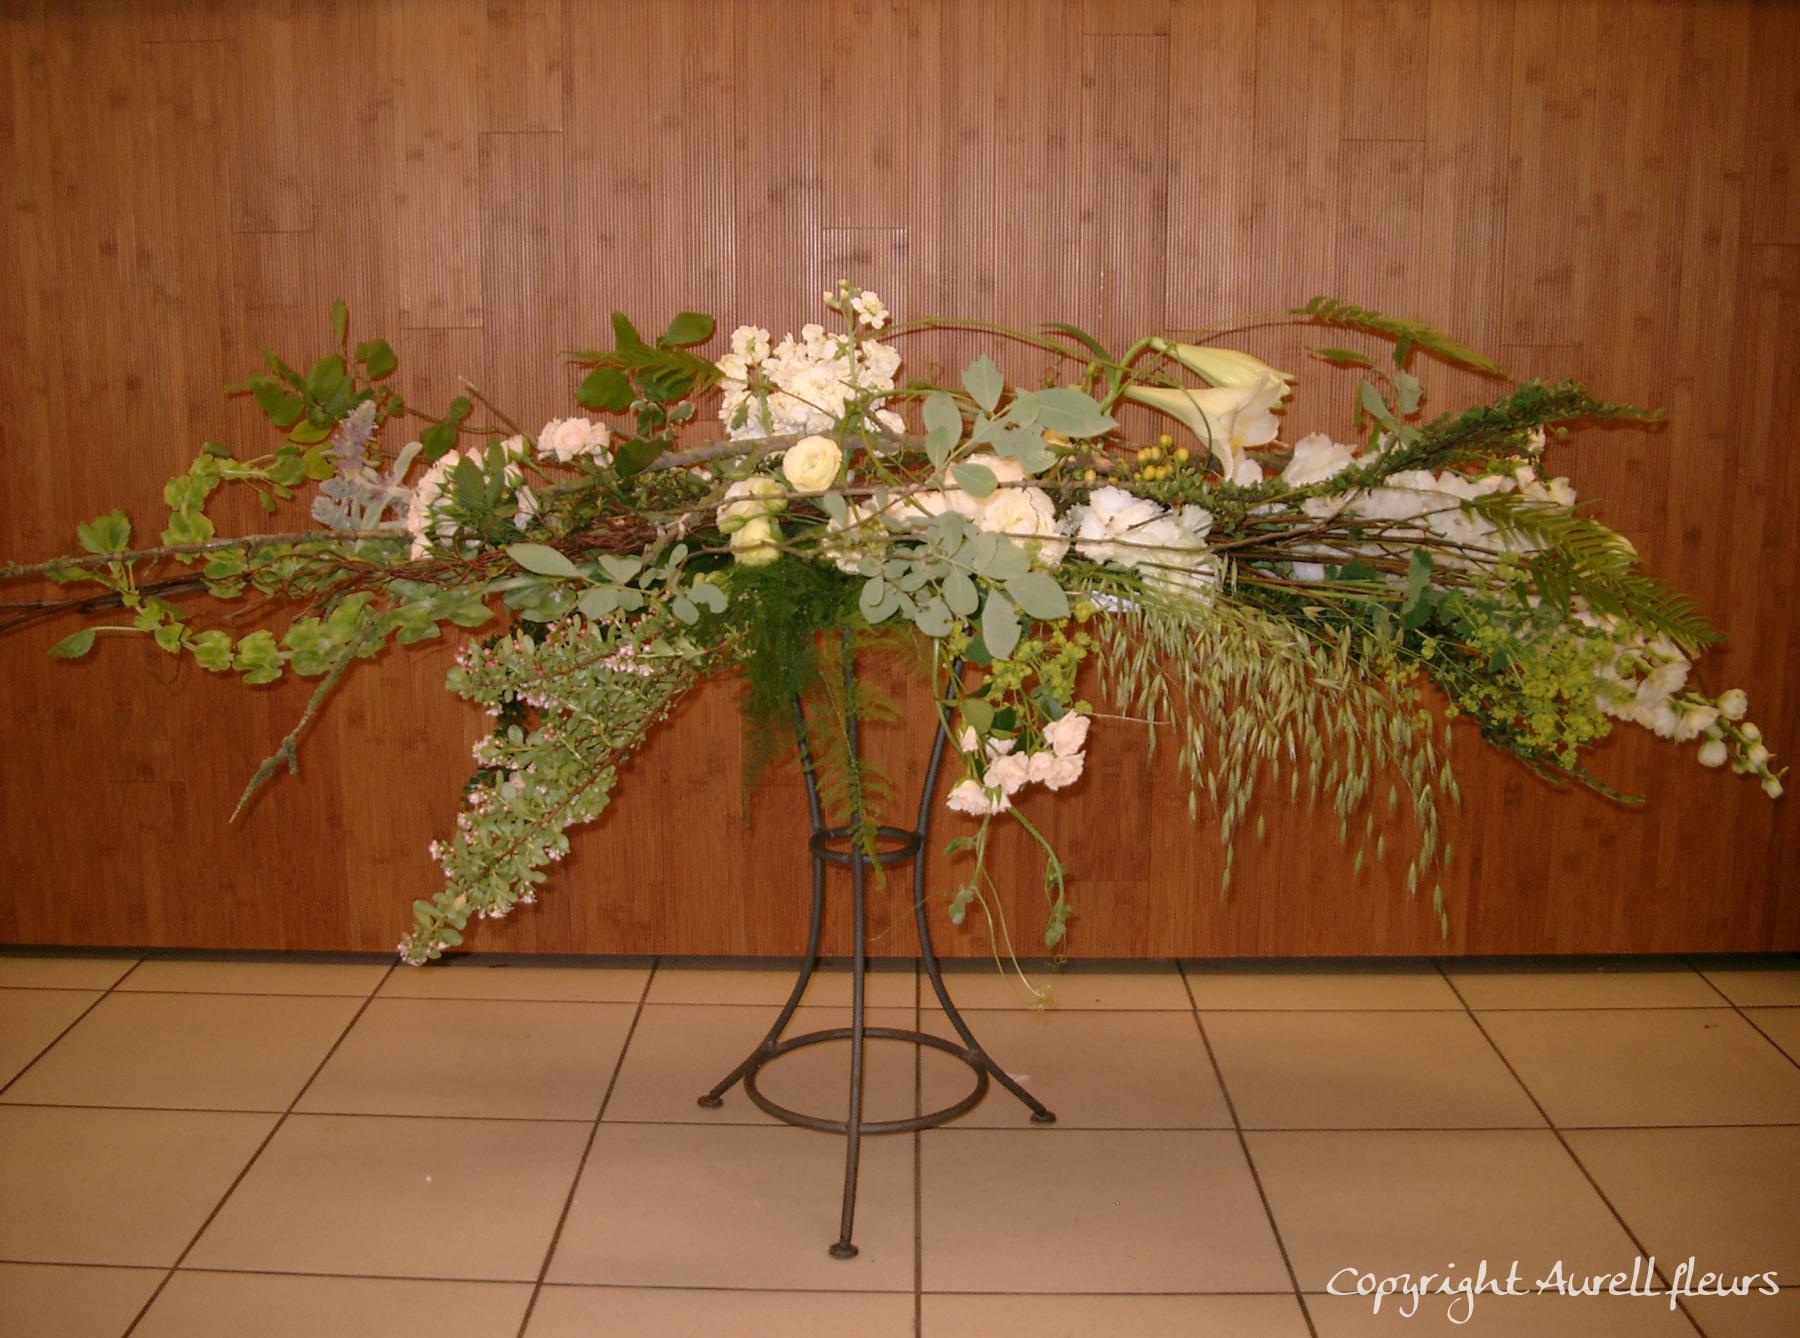 Fleuriste créatif (fleur 06 ) à Saint-Jean-de-Braye | Aurell fleurs